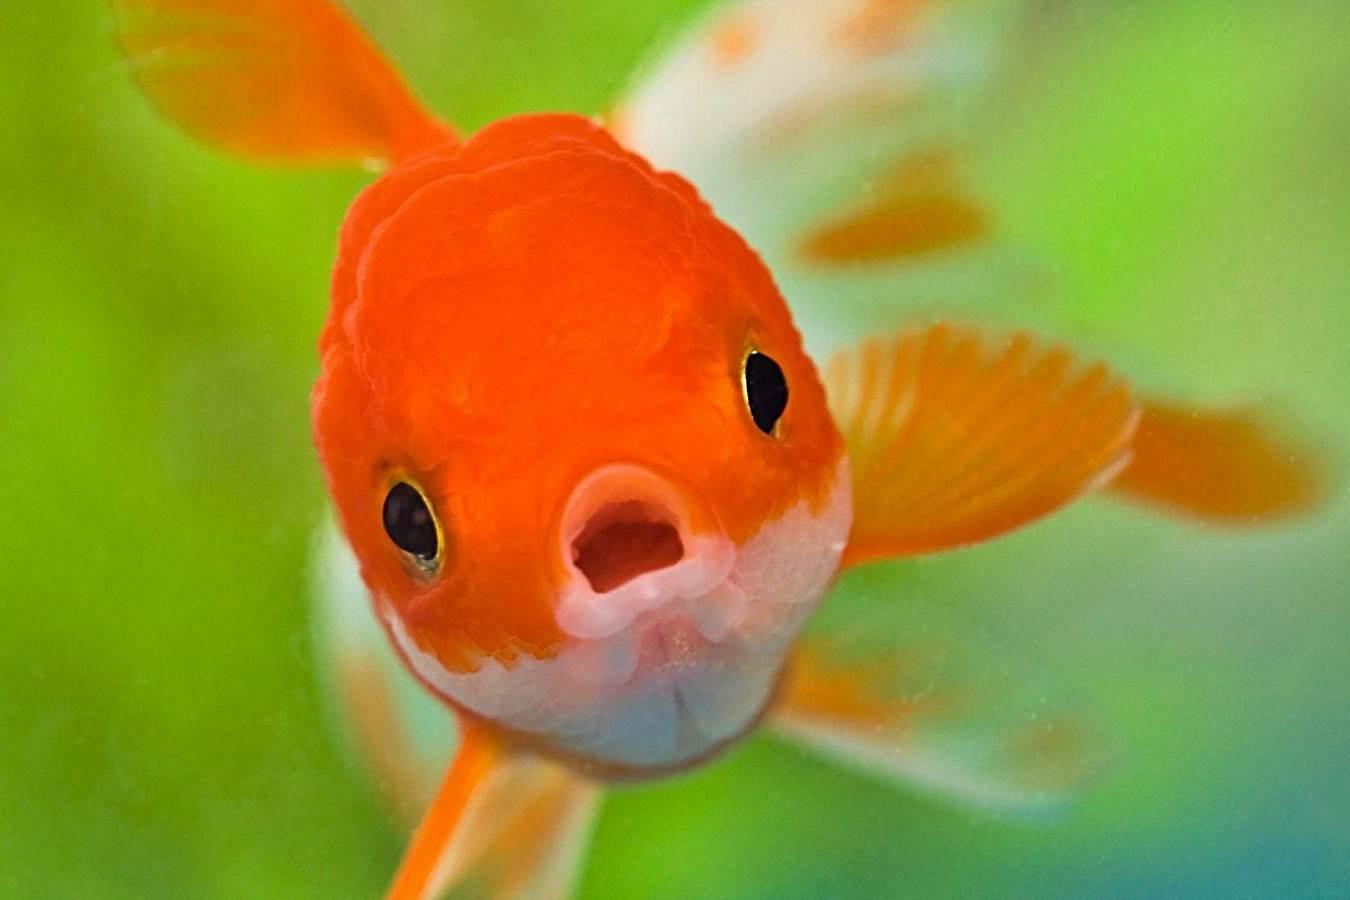 Resultado de imagen para pez dorado sin oxigeno